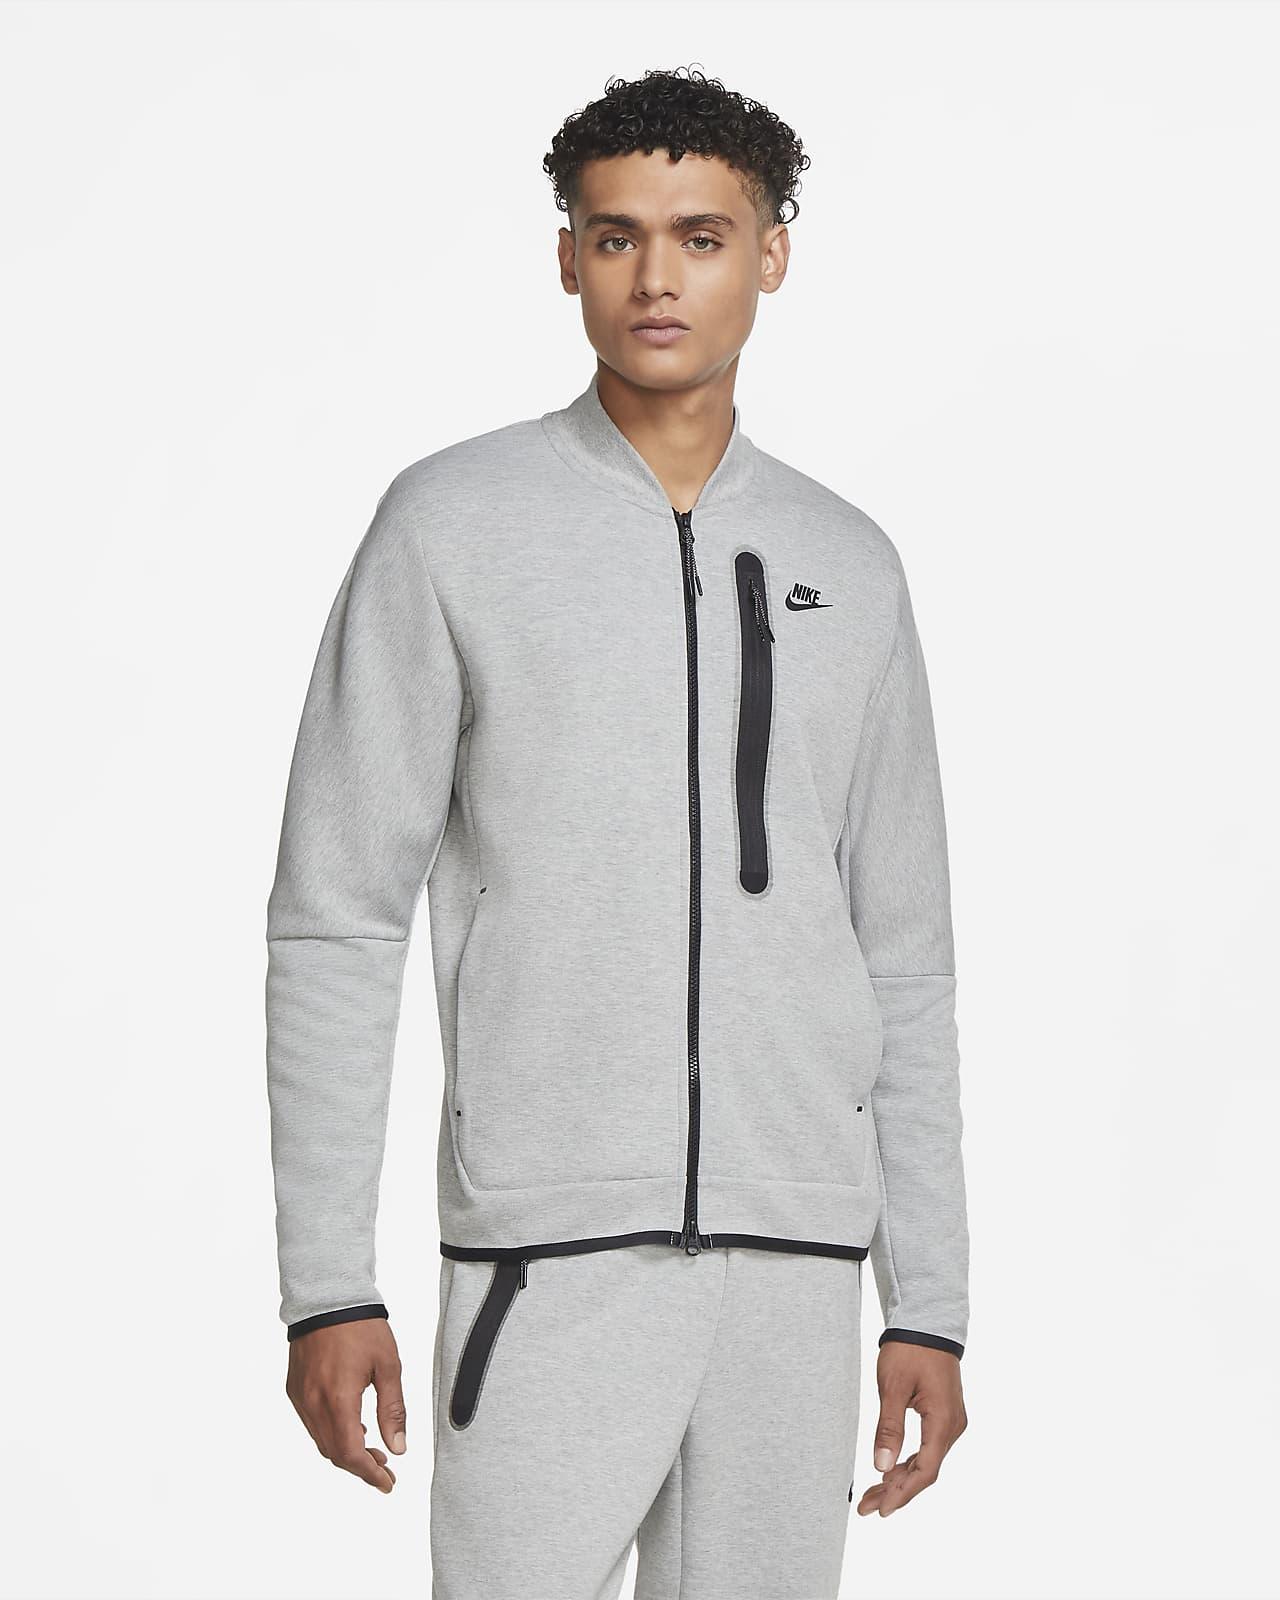 Nike Sportswear Tech Fleece 男款外套